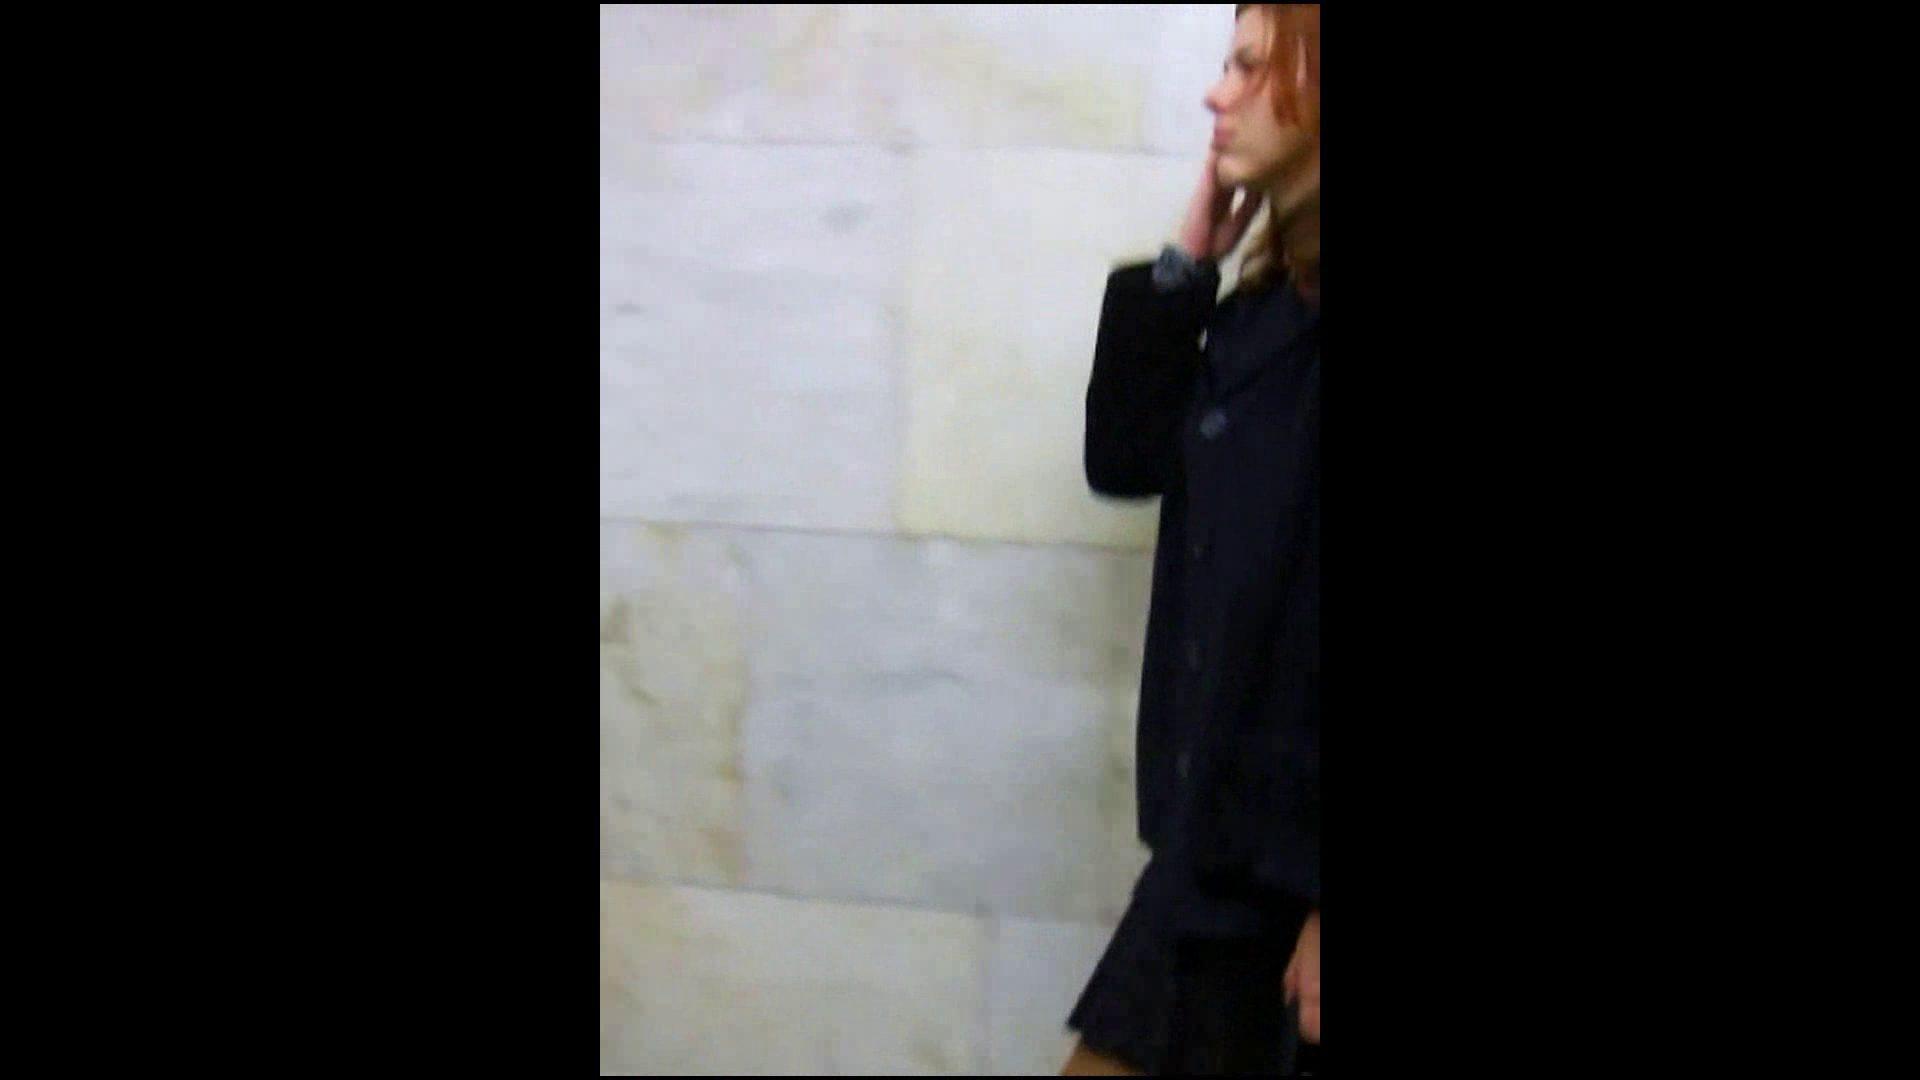 綺麗なモデルさんのスカート捲っちゃおう‼vol04 0  49連発 15